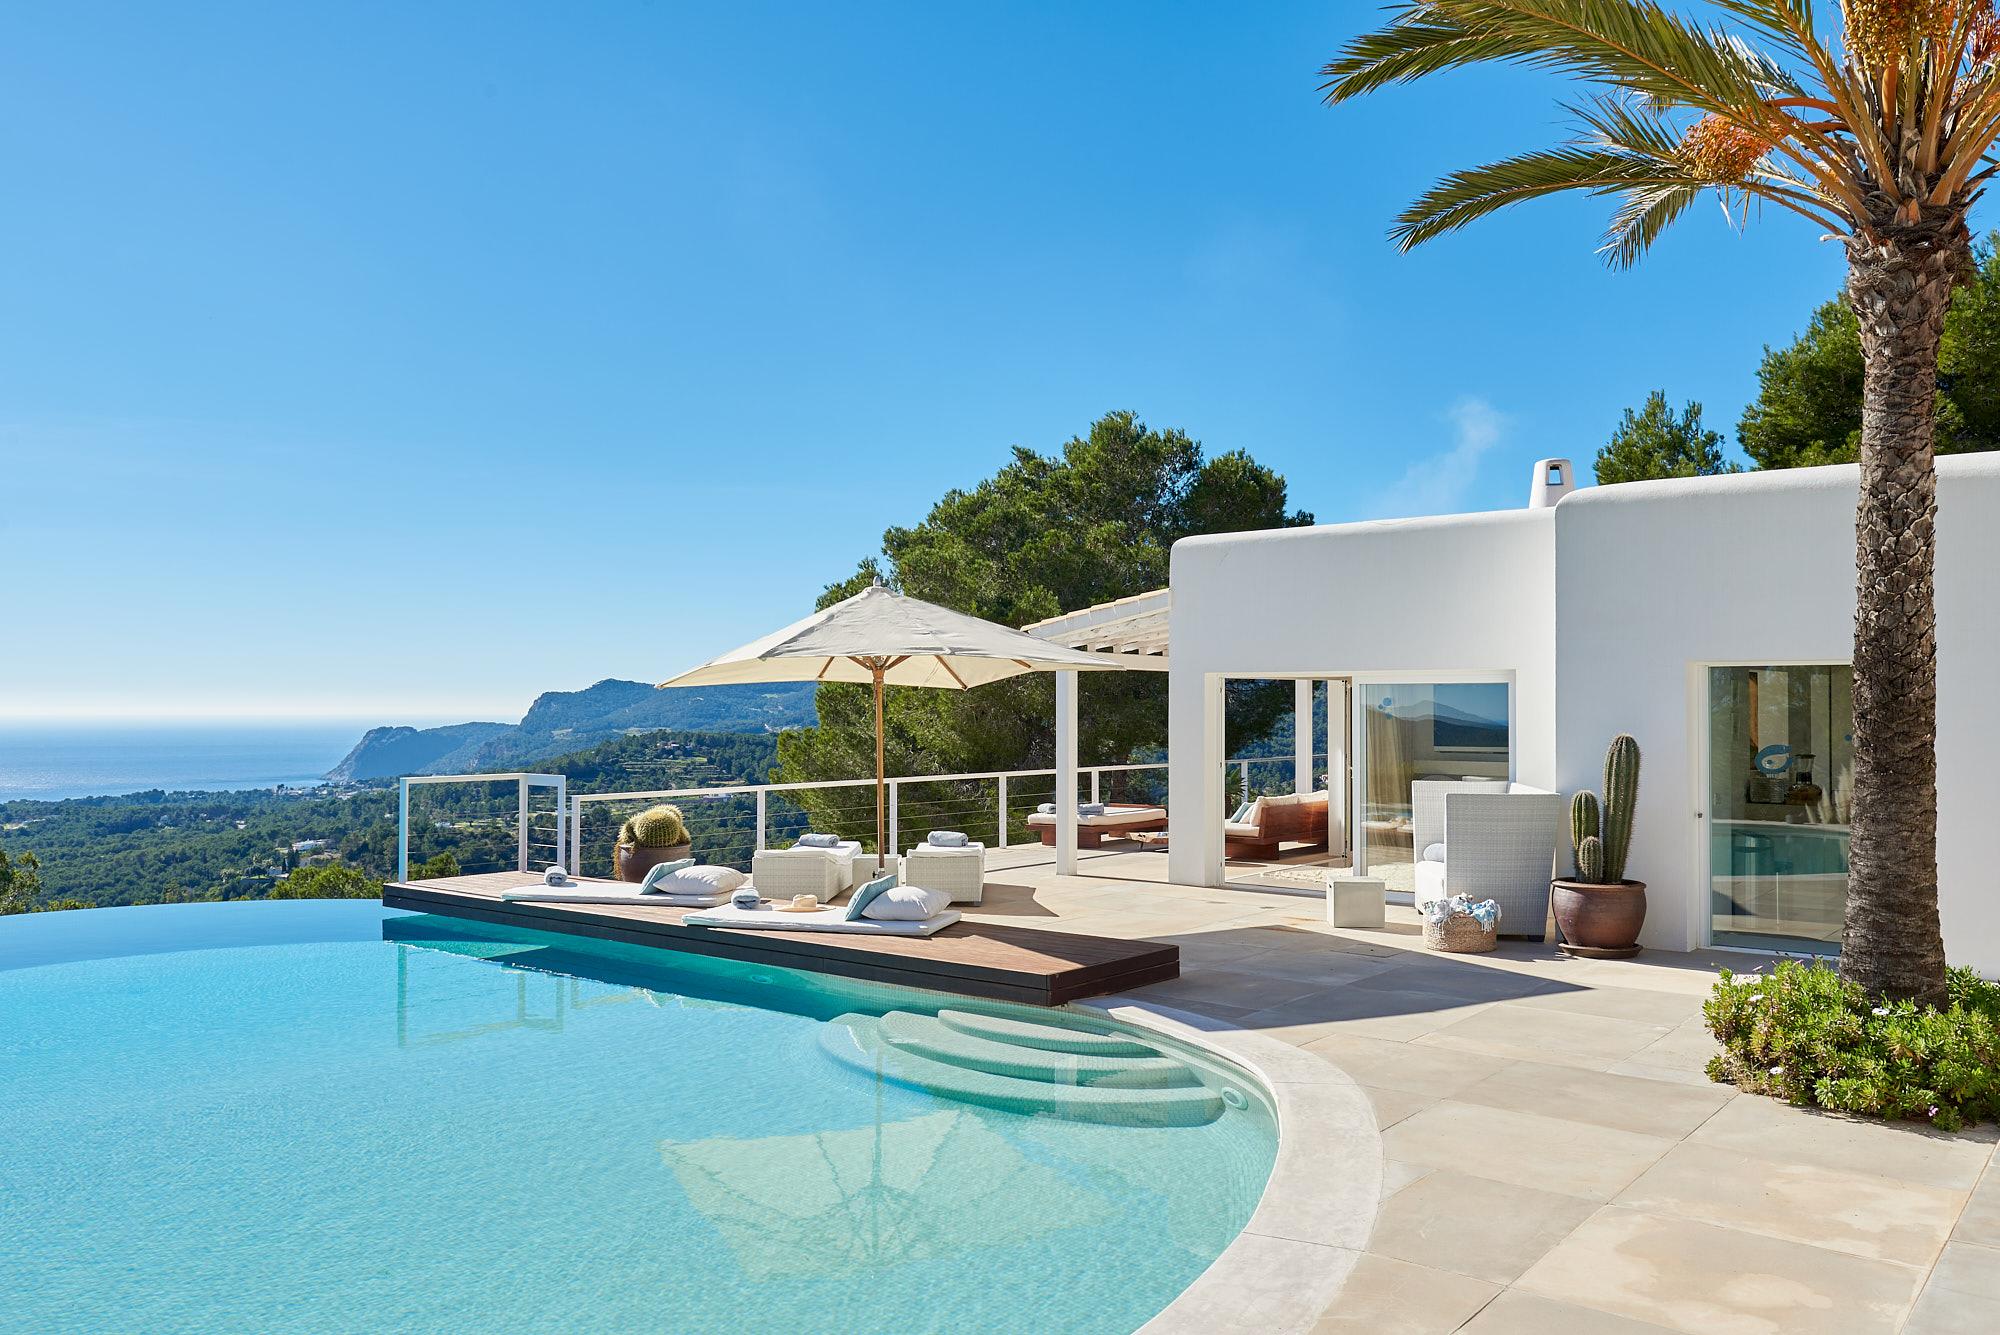 August villa